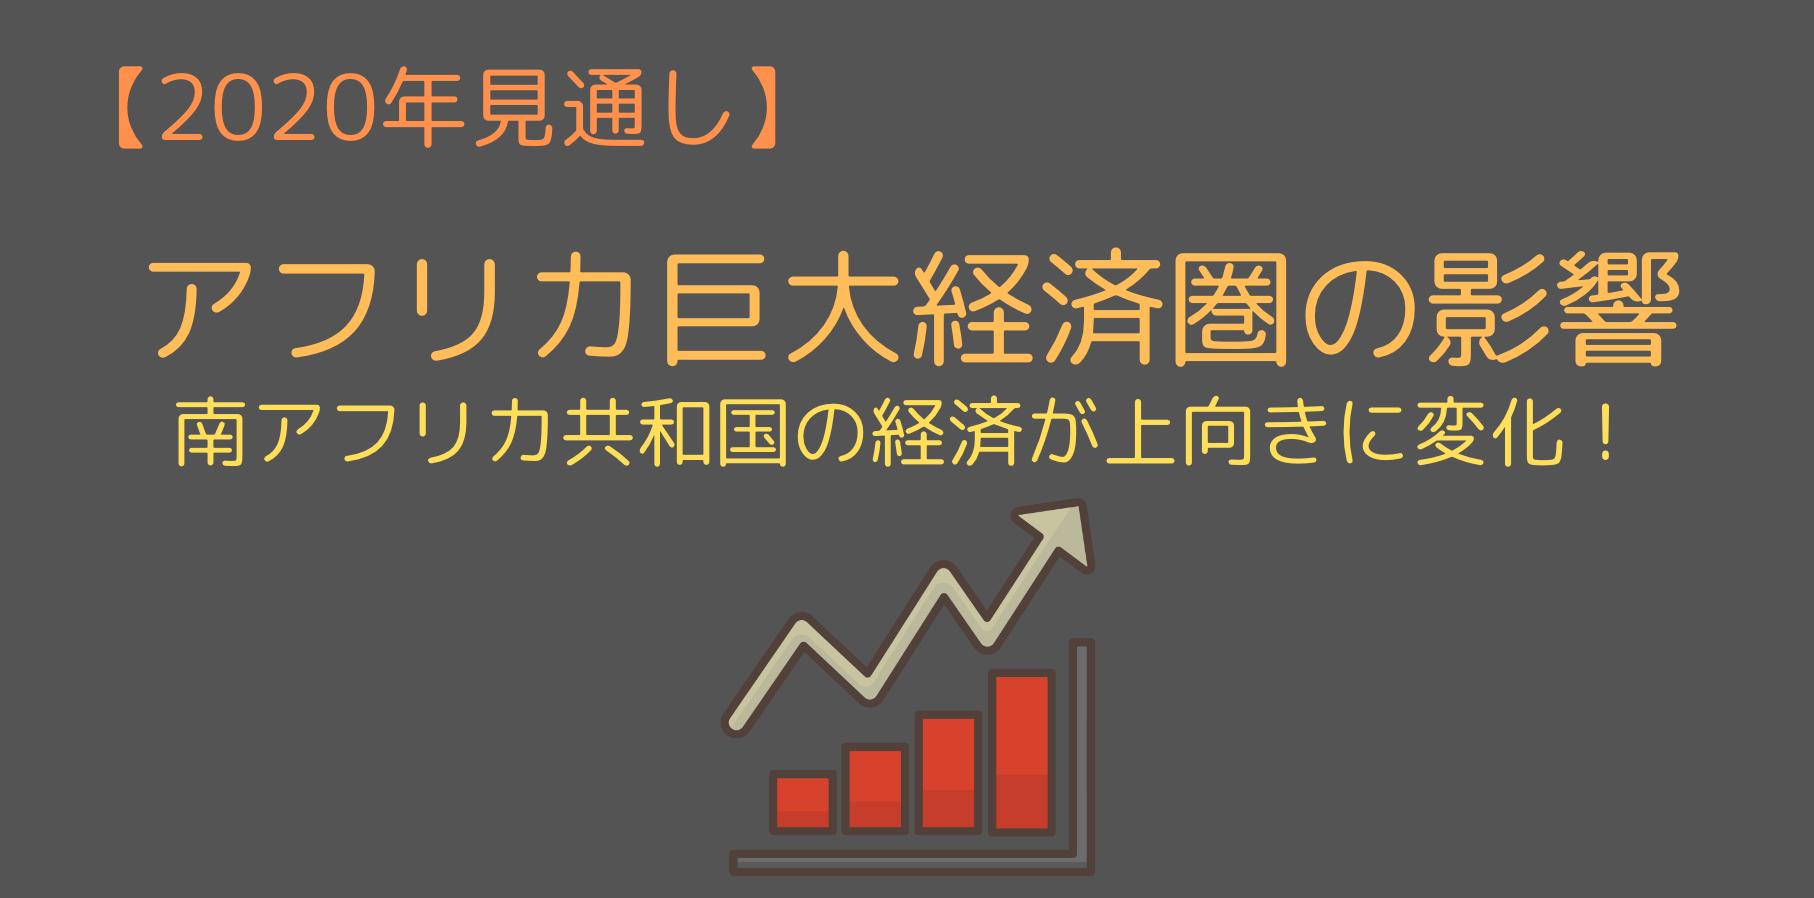 巨大経済圏への期待